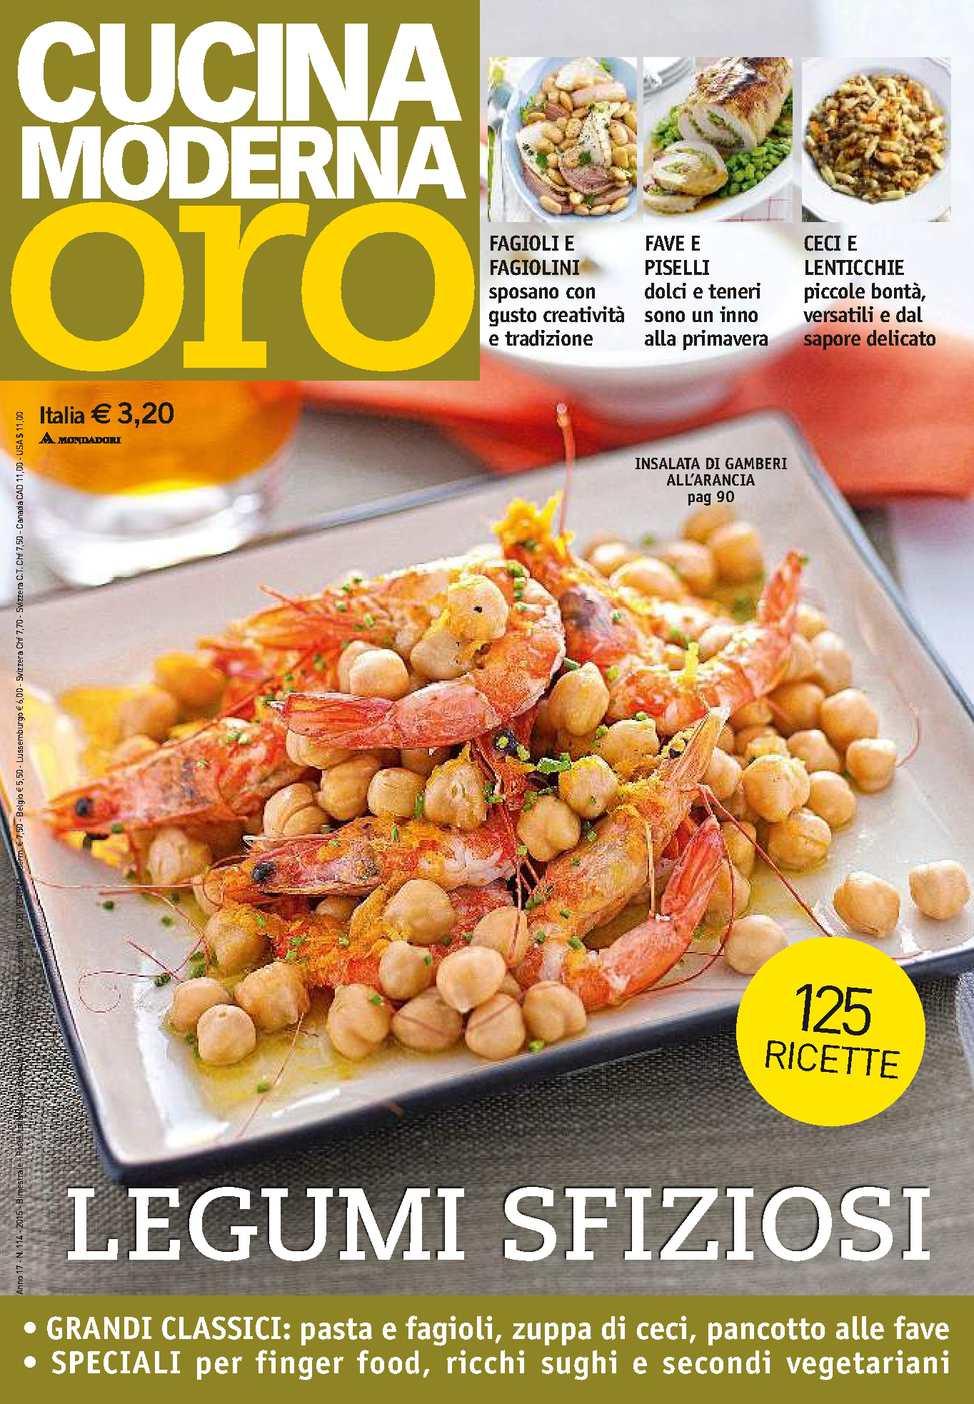 Cucina Moderna Oro.Cucina Moderna Oro No1142015 Calameo Downloader